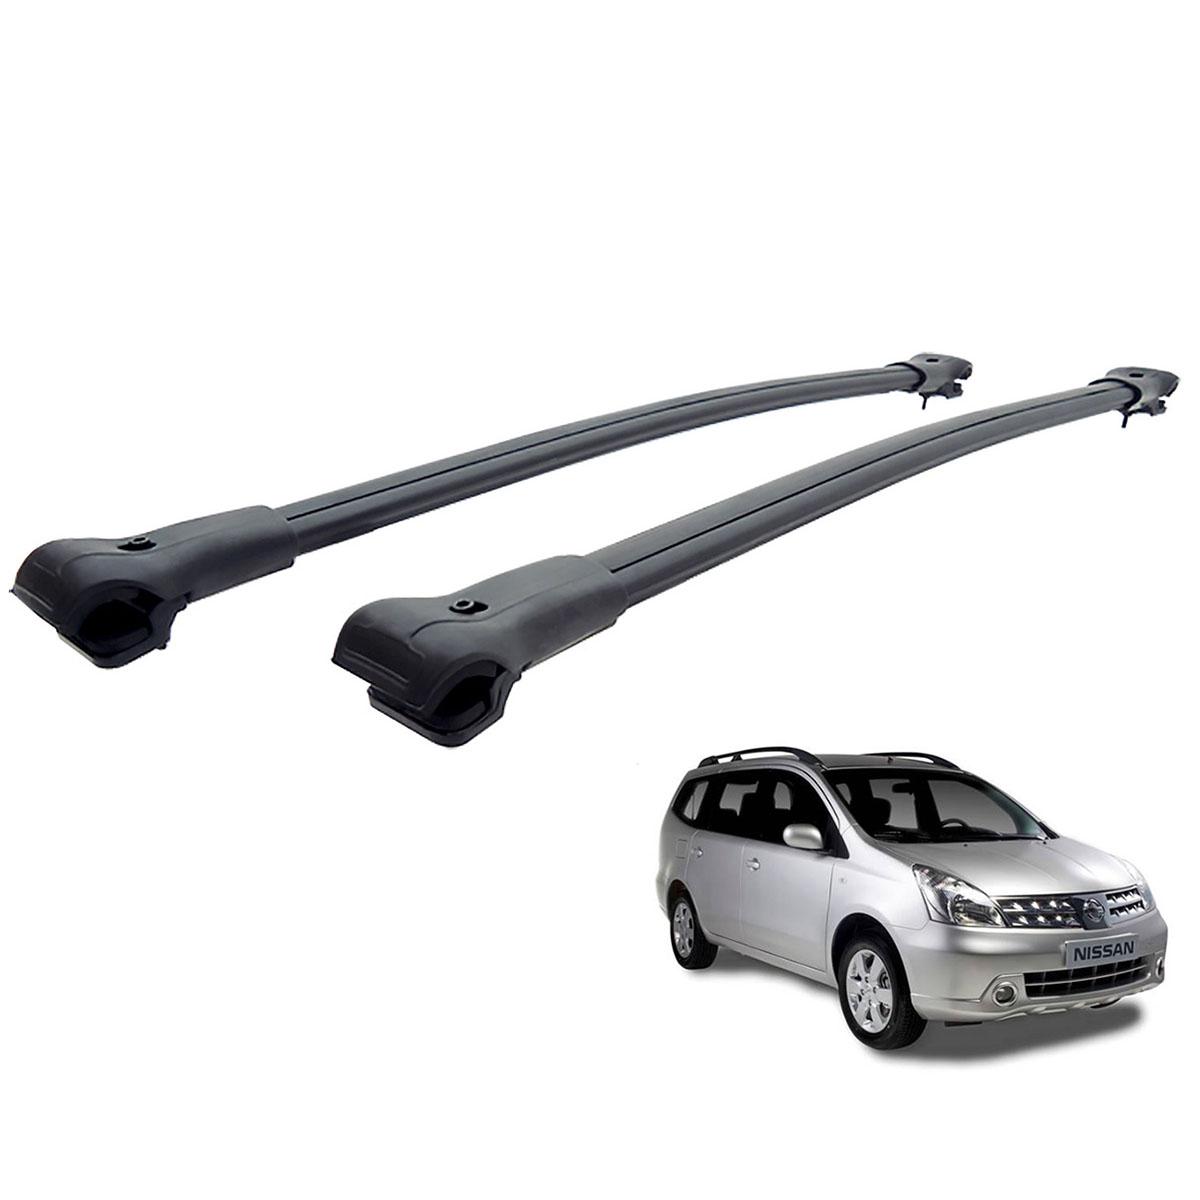 Travessa rack de teto larga preta alumínio Grand Livina 2009 a 2012